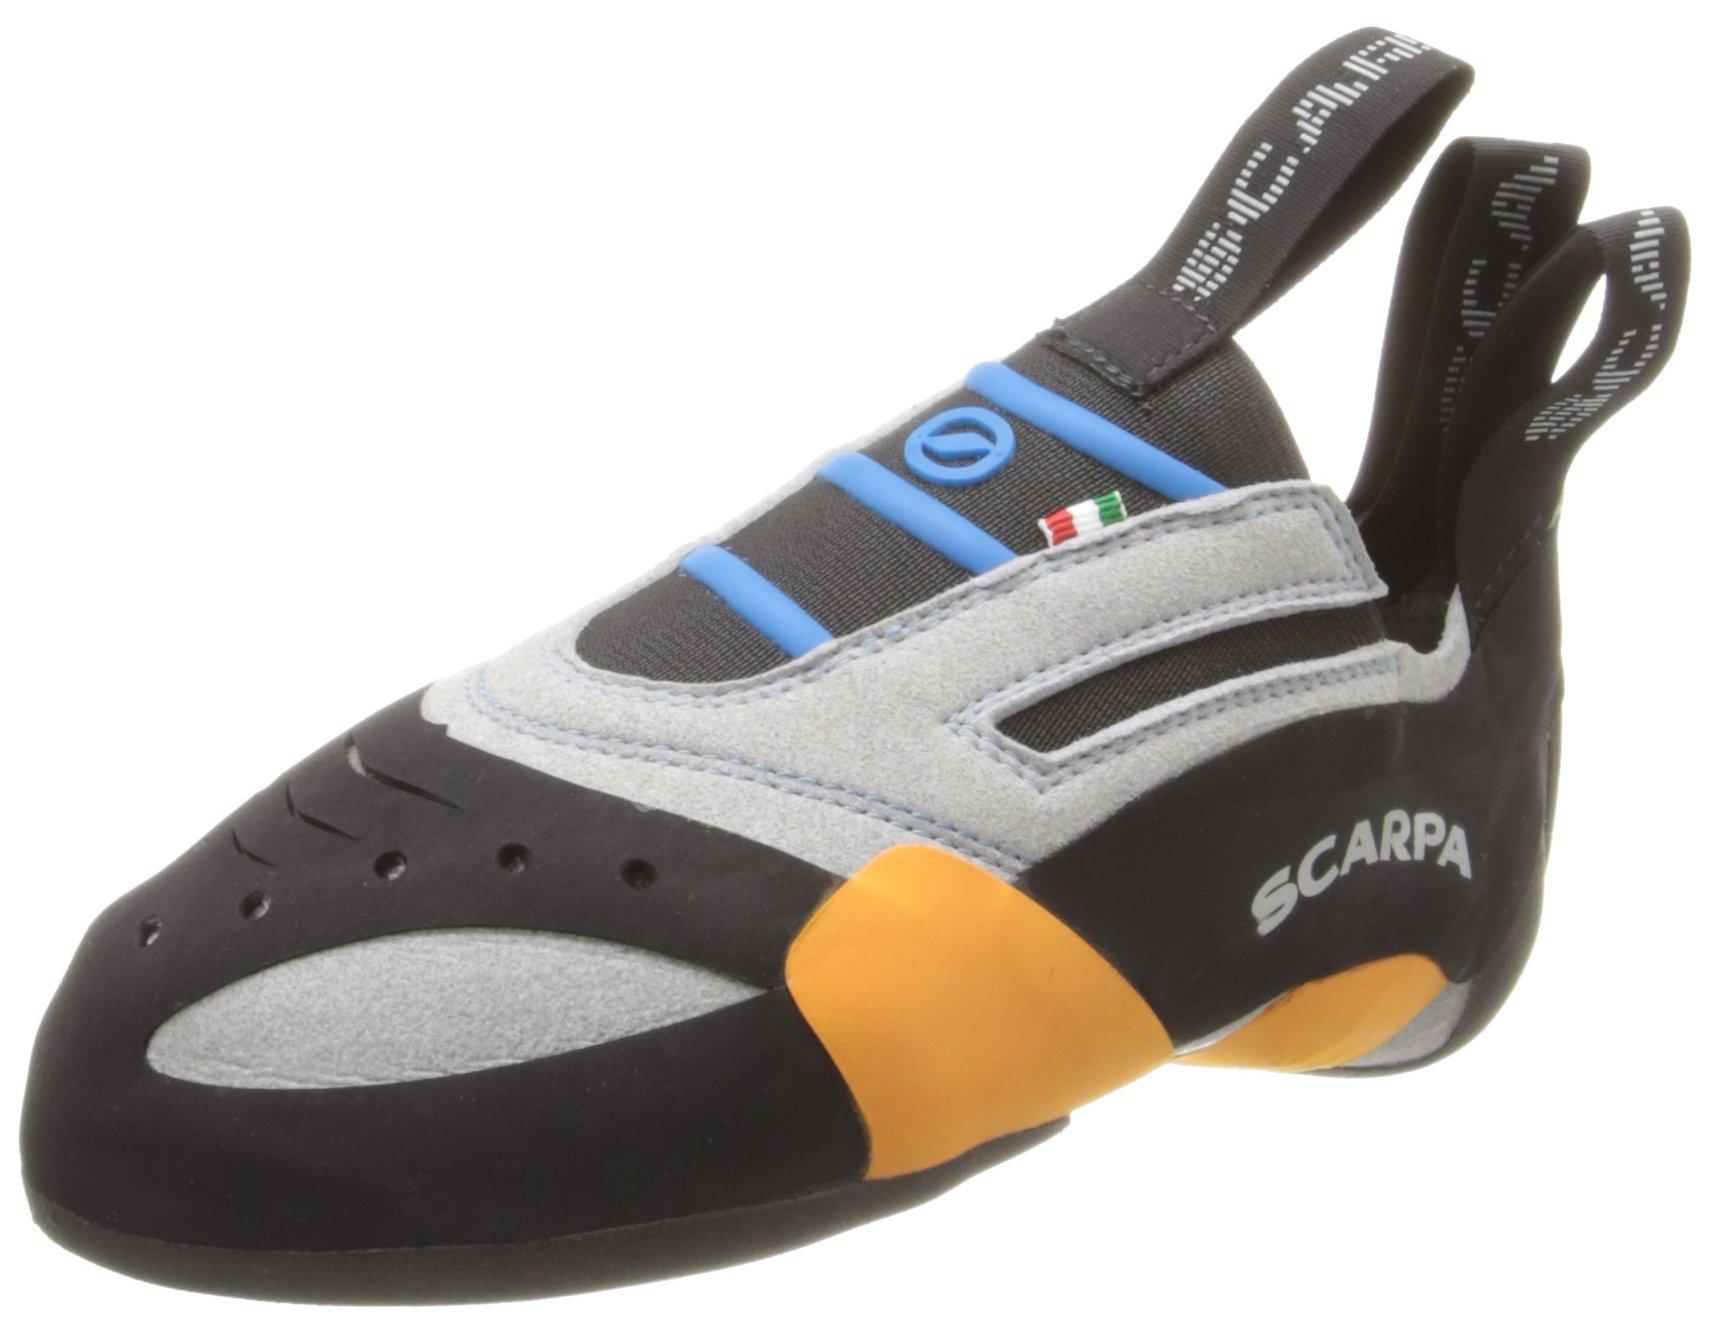 Scarpa Men's Stix Climbing Shoe,Silver,44 EU/10.5 M US